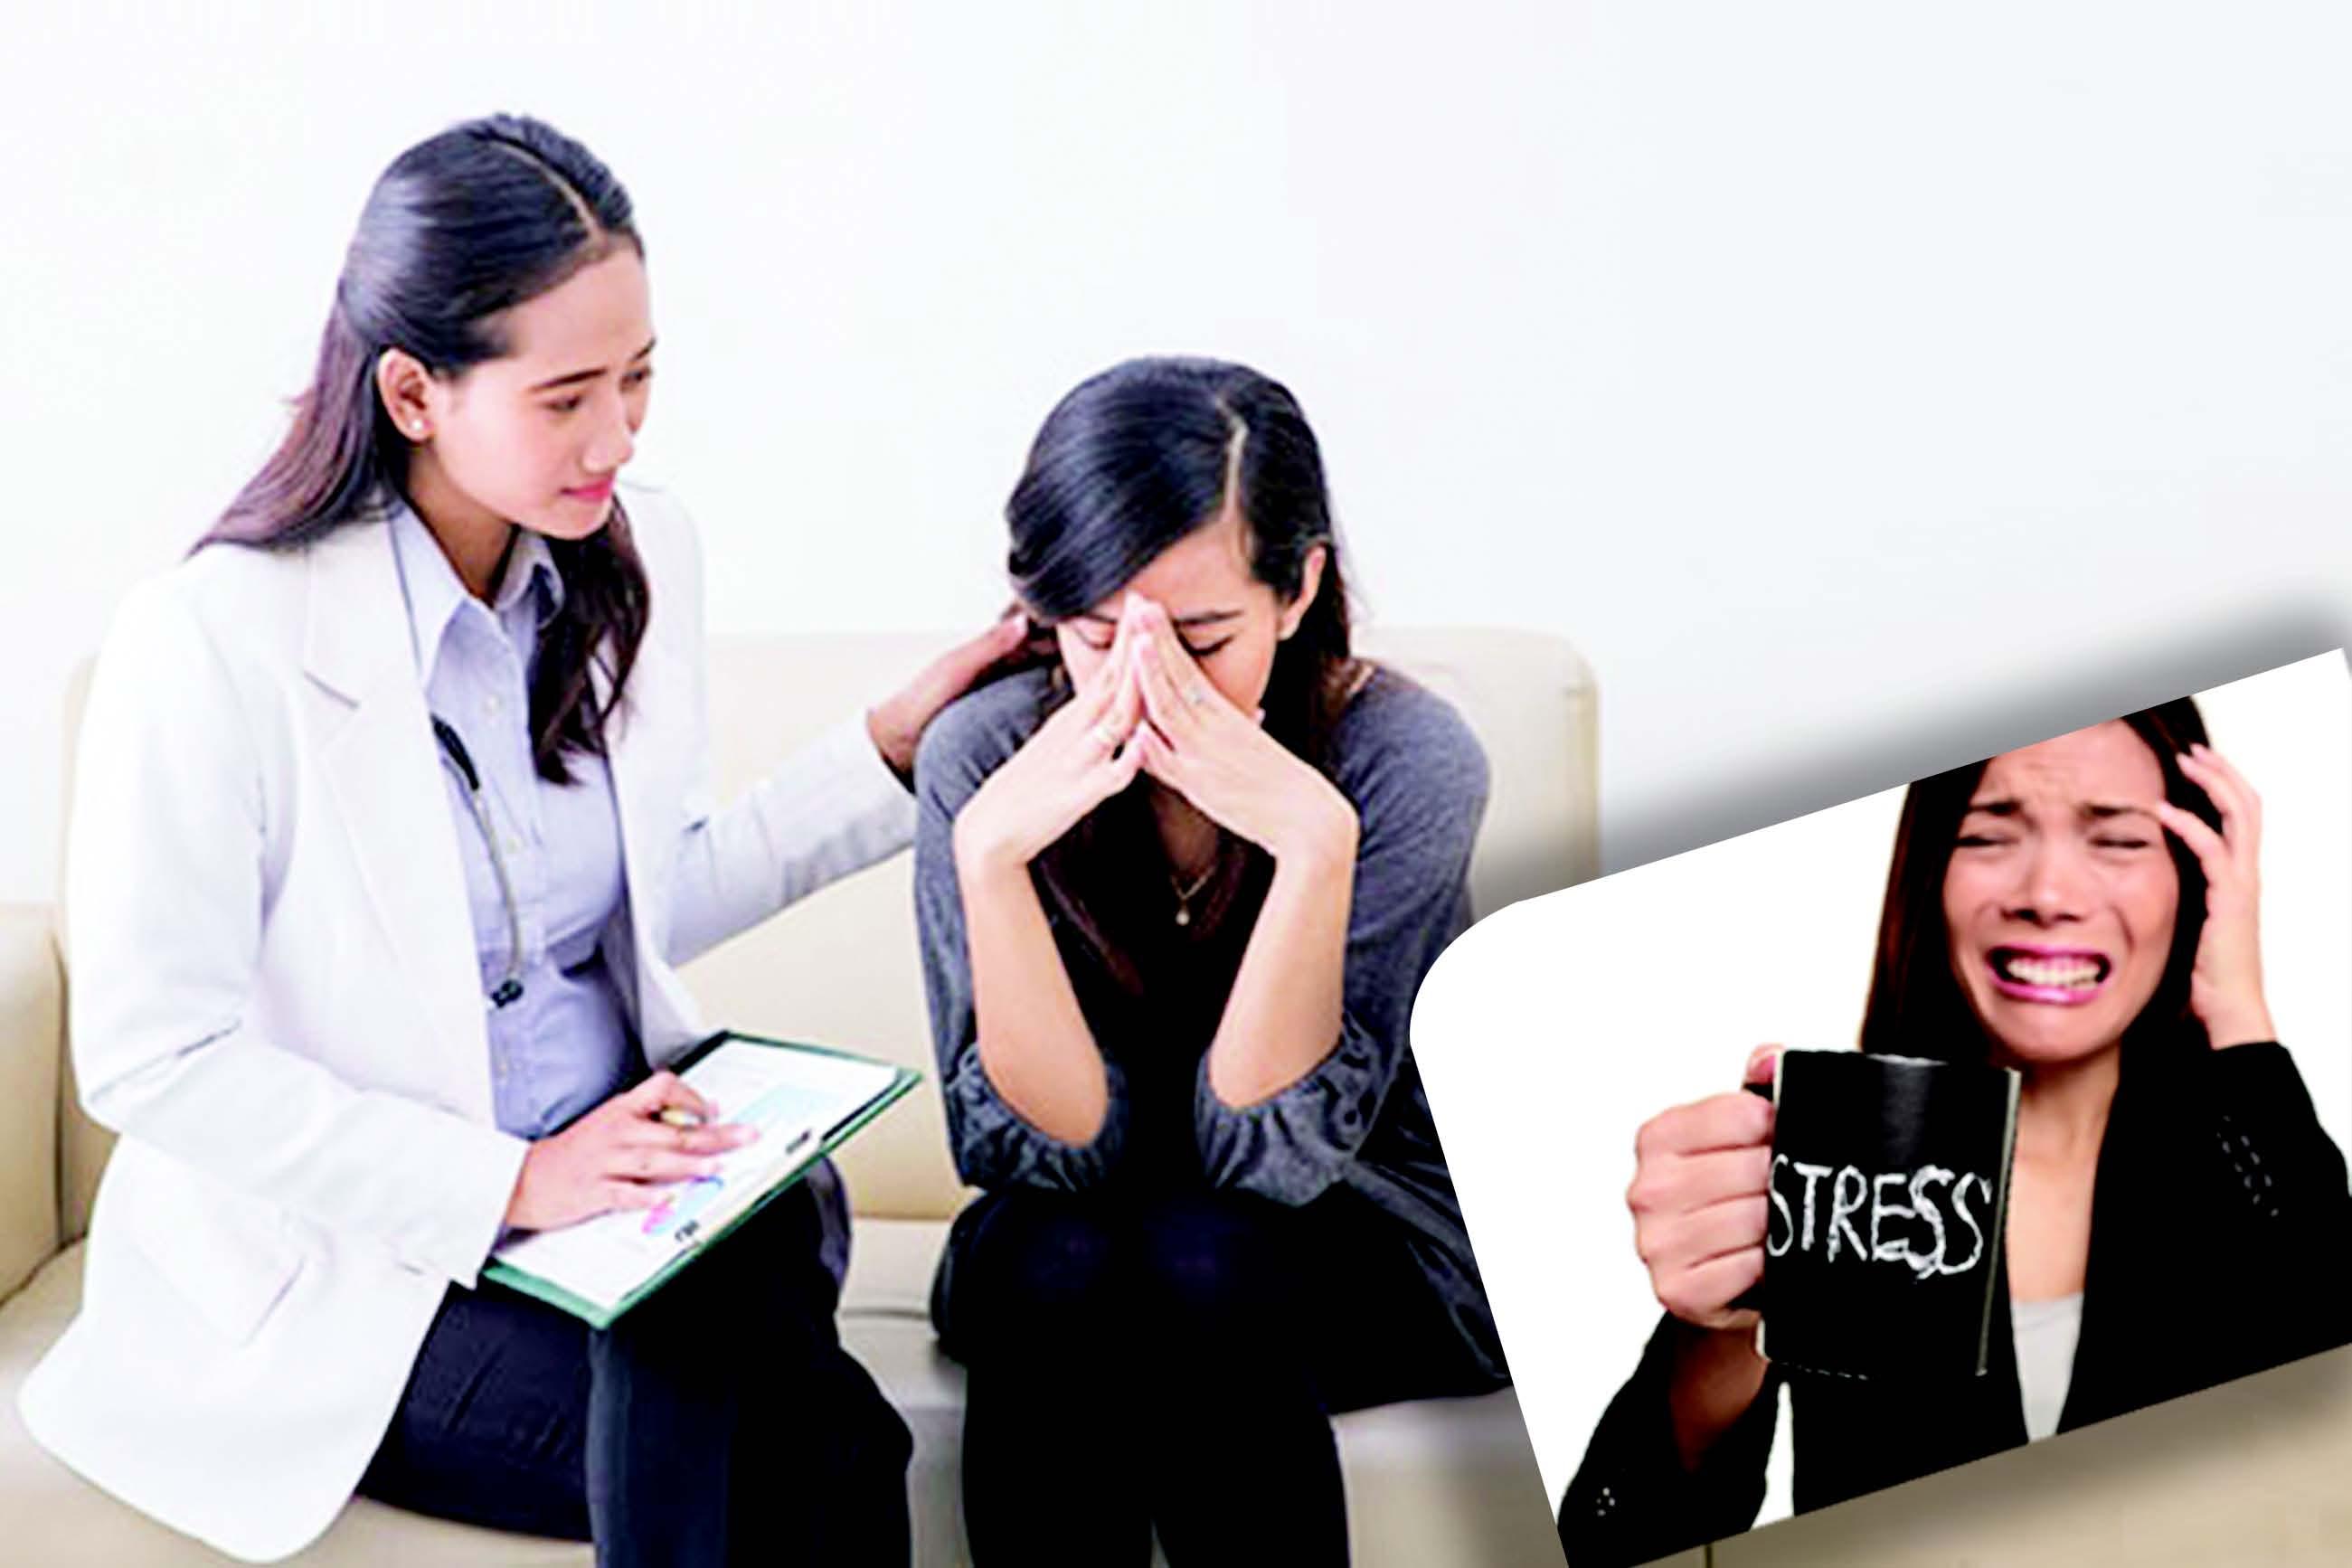 Chữa rối loạn stress sau sang chấn tâm lý